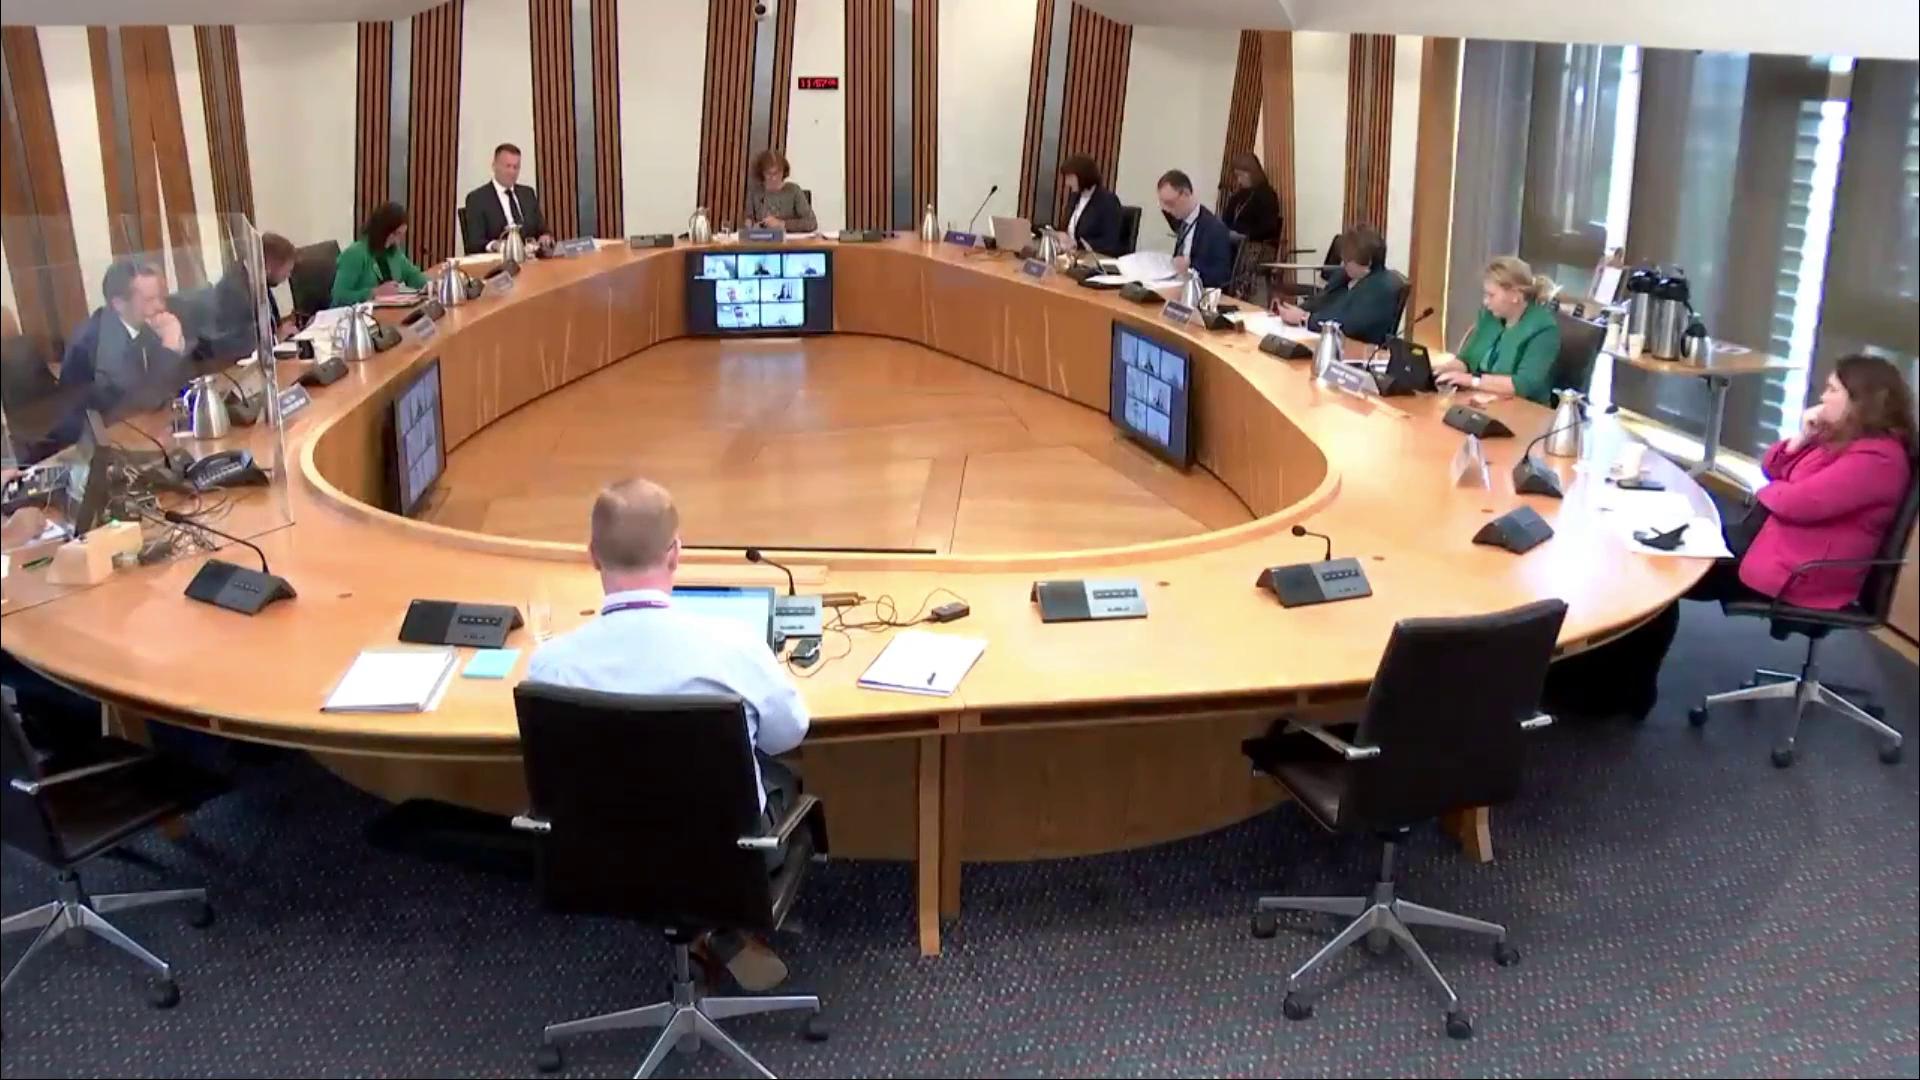 Scottish Government Statistics show that Short Term Prison Sentences are less effective than Community Sentences